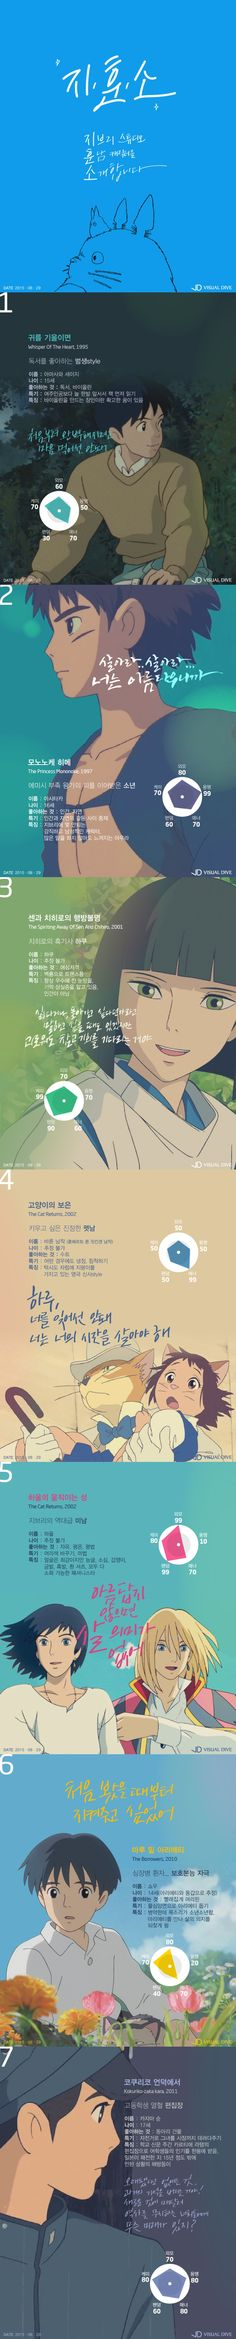 지브리 스튜디오 훈남 캐릭터를 소개합니다 [인포그래픽] #Character / #Infographic ⓒ 비주얼다이브 무단 복사·전재·재배포 금지